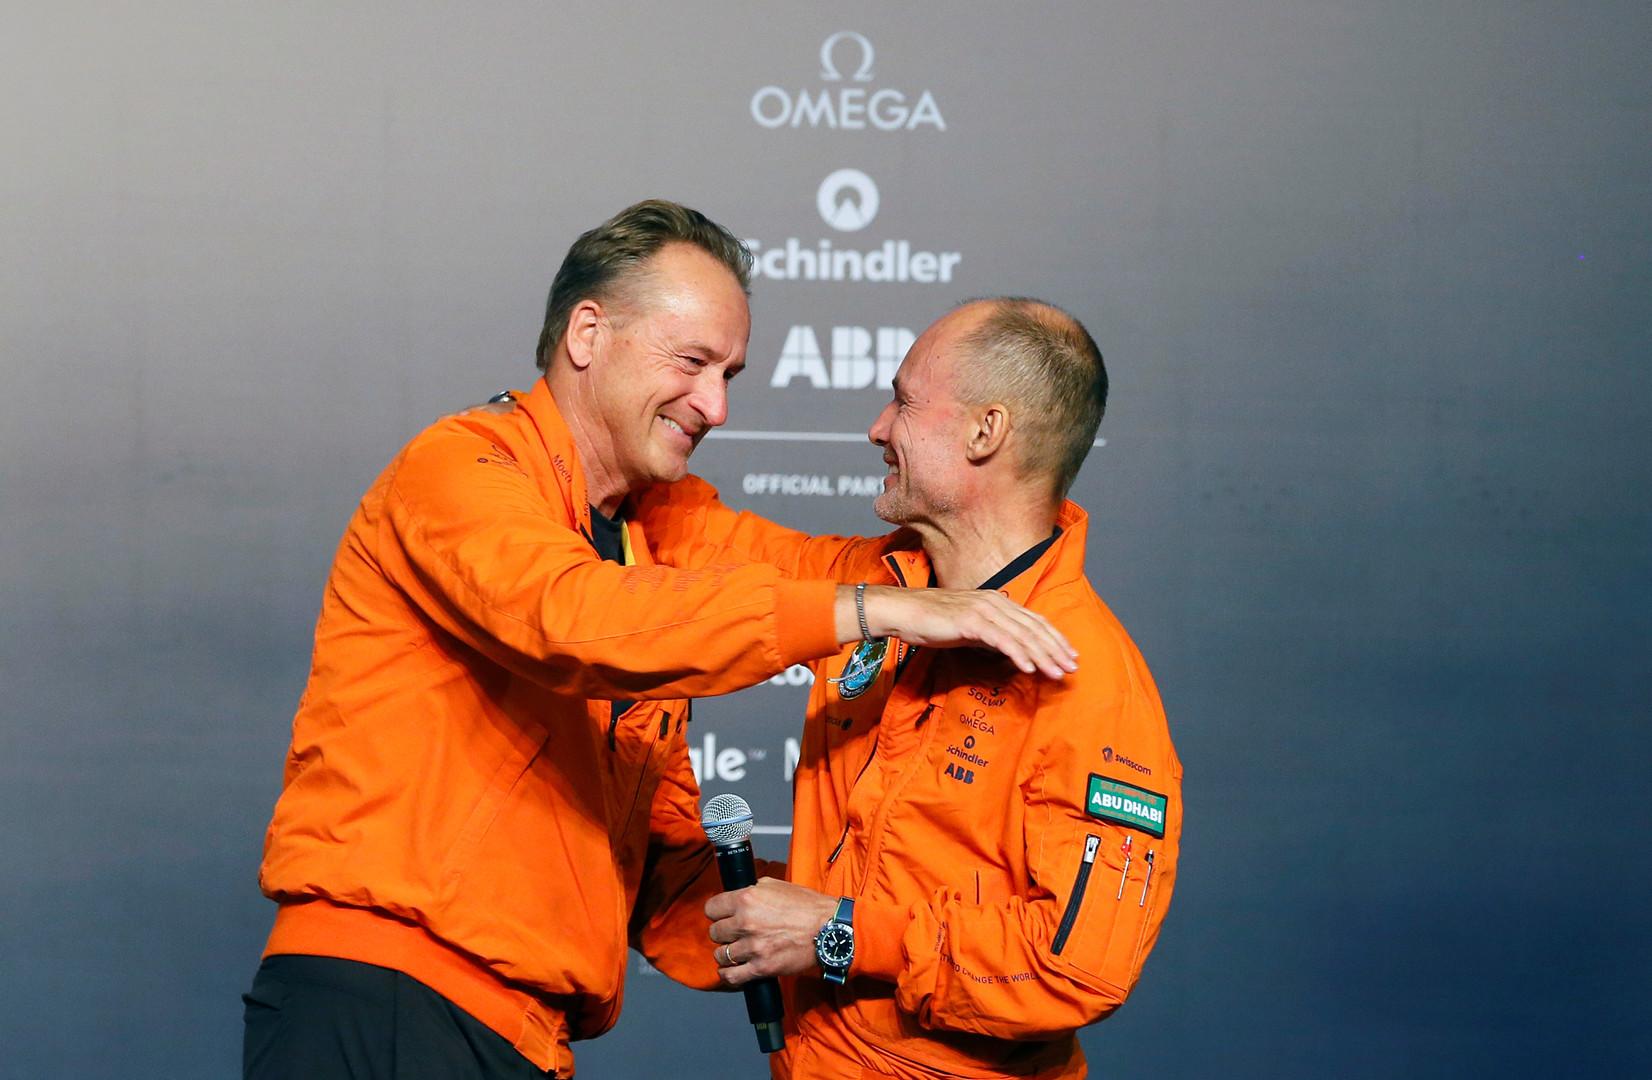 Piloten André Borschberg und Bertrand Piccard wärend der Pressekonferenz nach der Landung